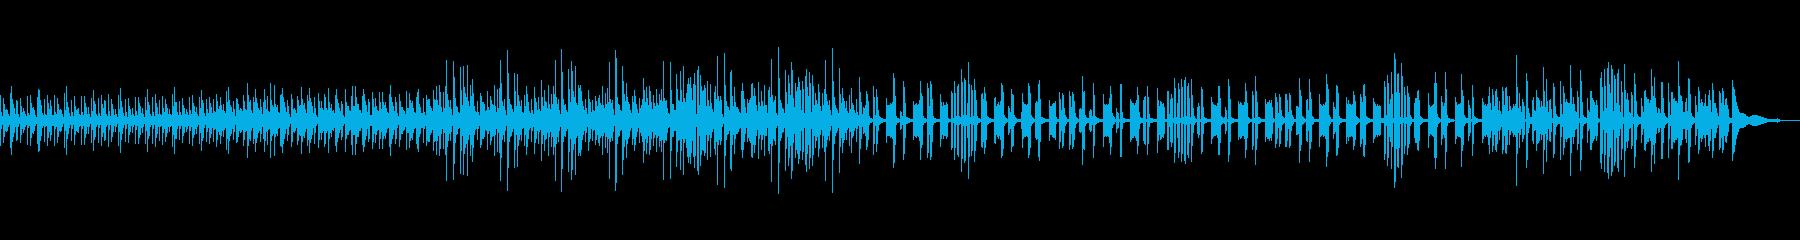 みずみずしく新鮮な明るい曲の再生済みの波形